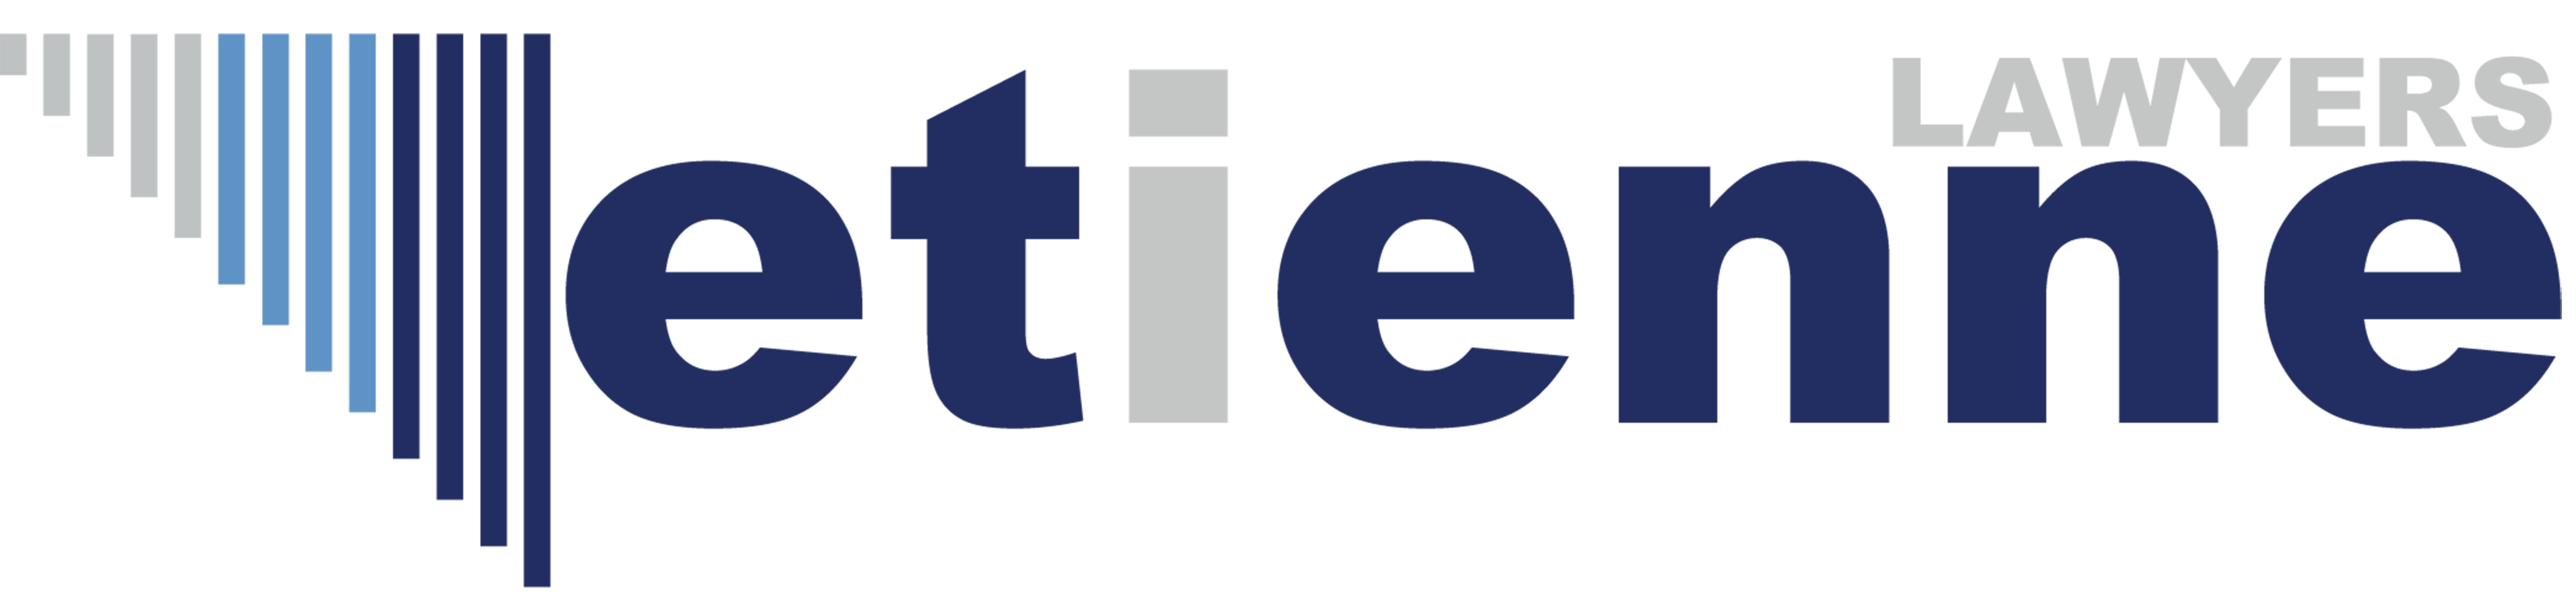 etienne lawyers logo